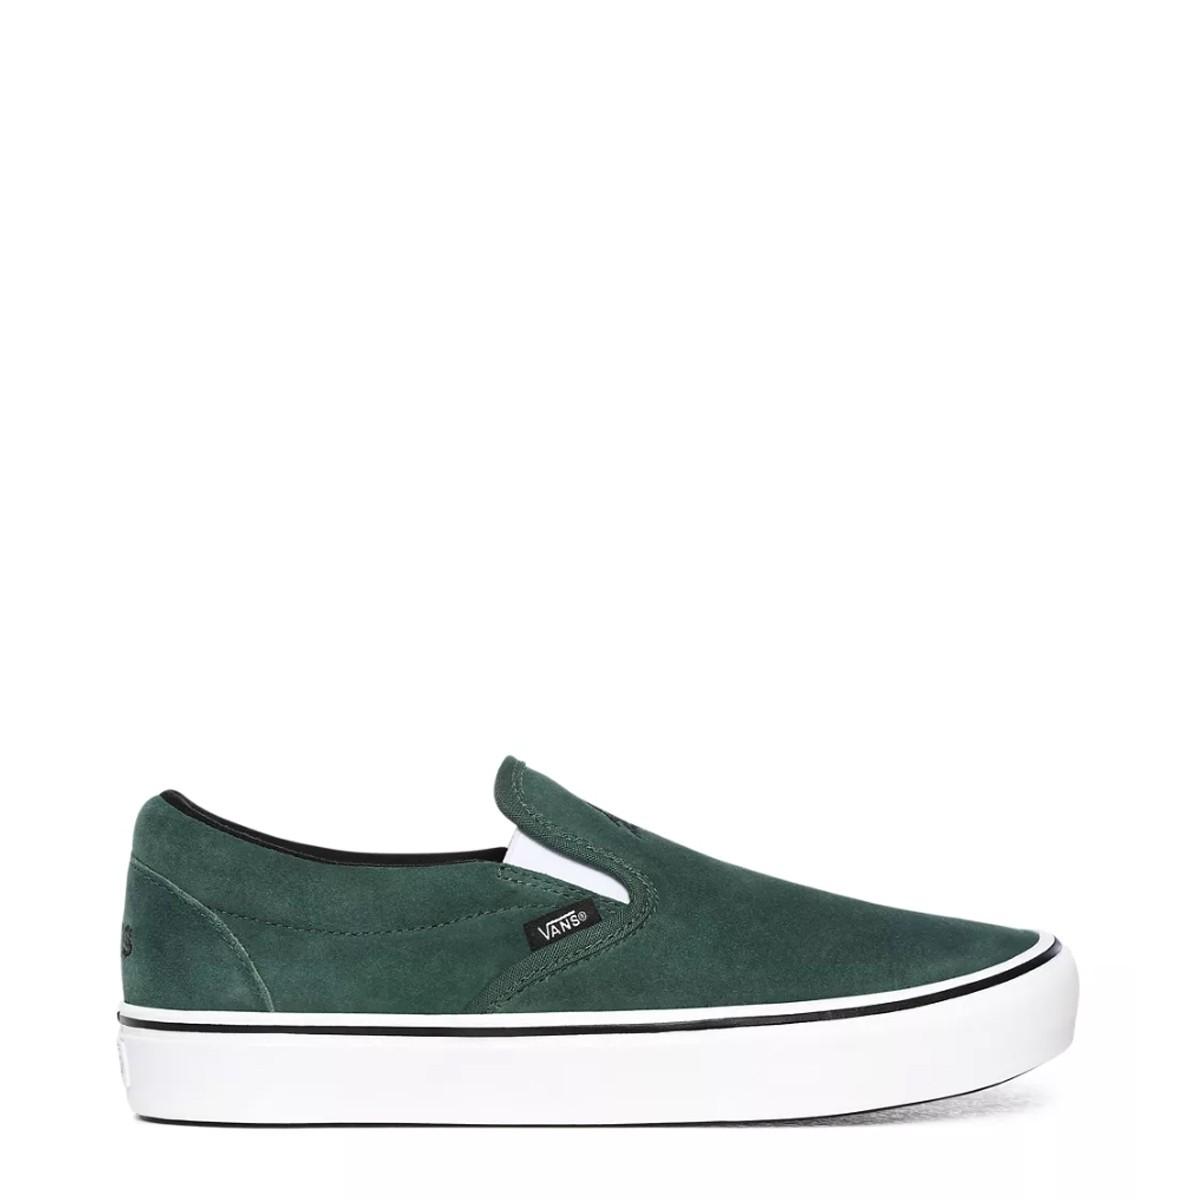 Vans Sixty Sixers ComfyCush Slip-On Erkek Ayakkabısı VN0A3WMD1TA1